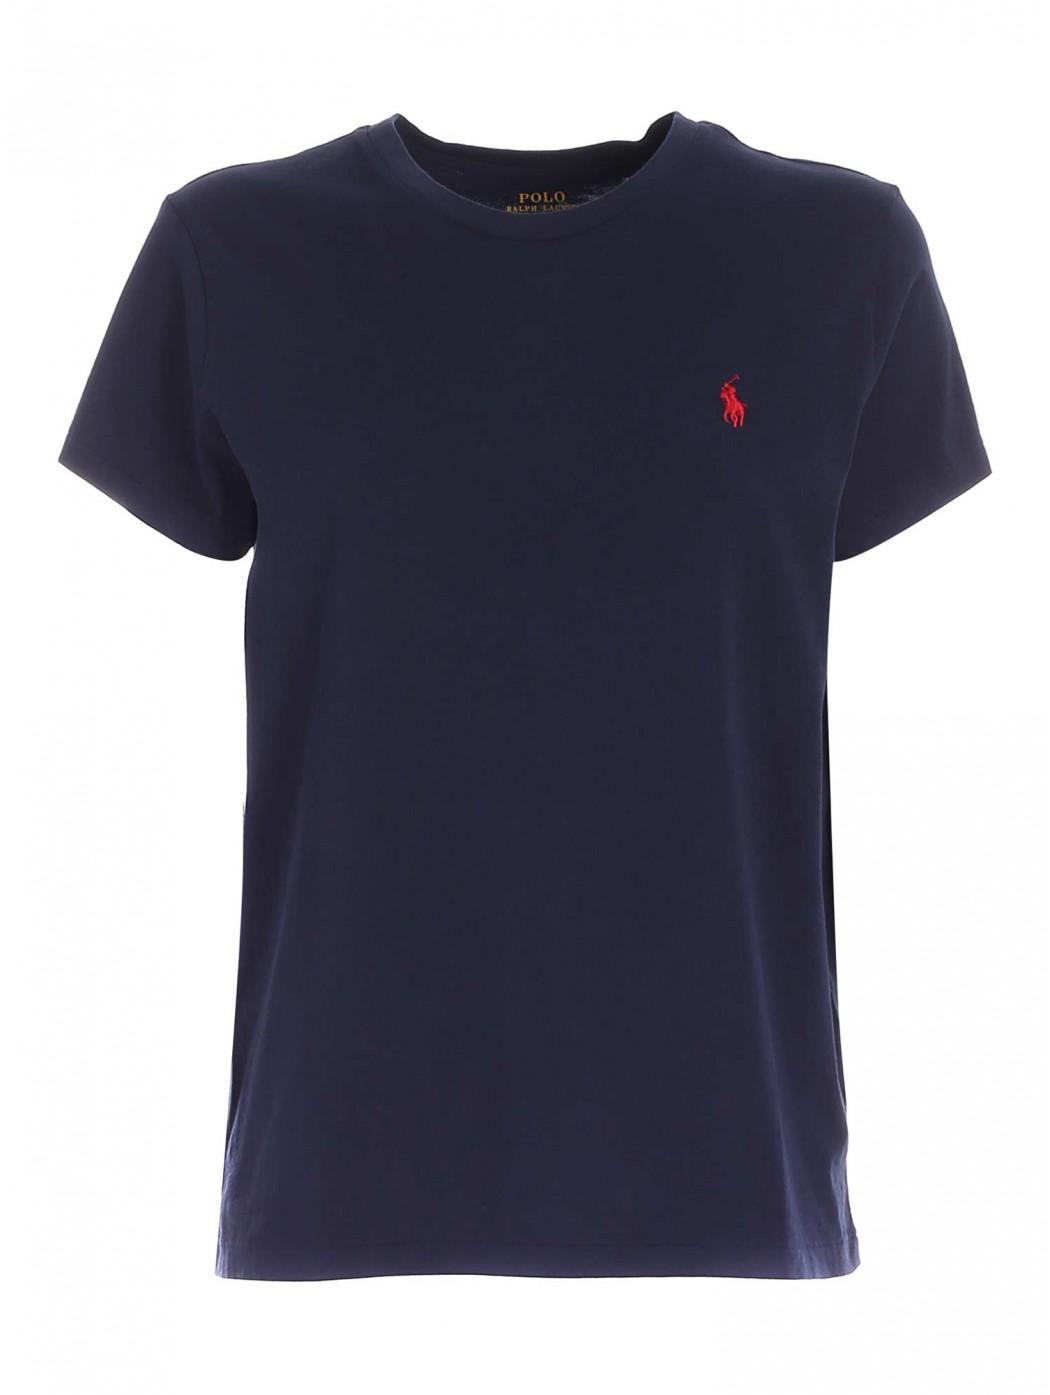 Maglietta a girocollo in cotone POLO RALPH LAUREN DONNA 211734144 024